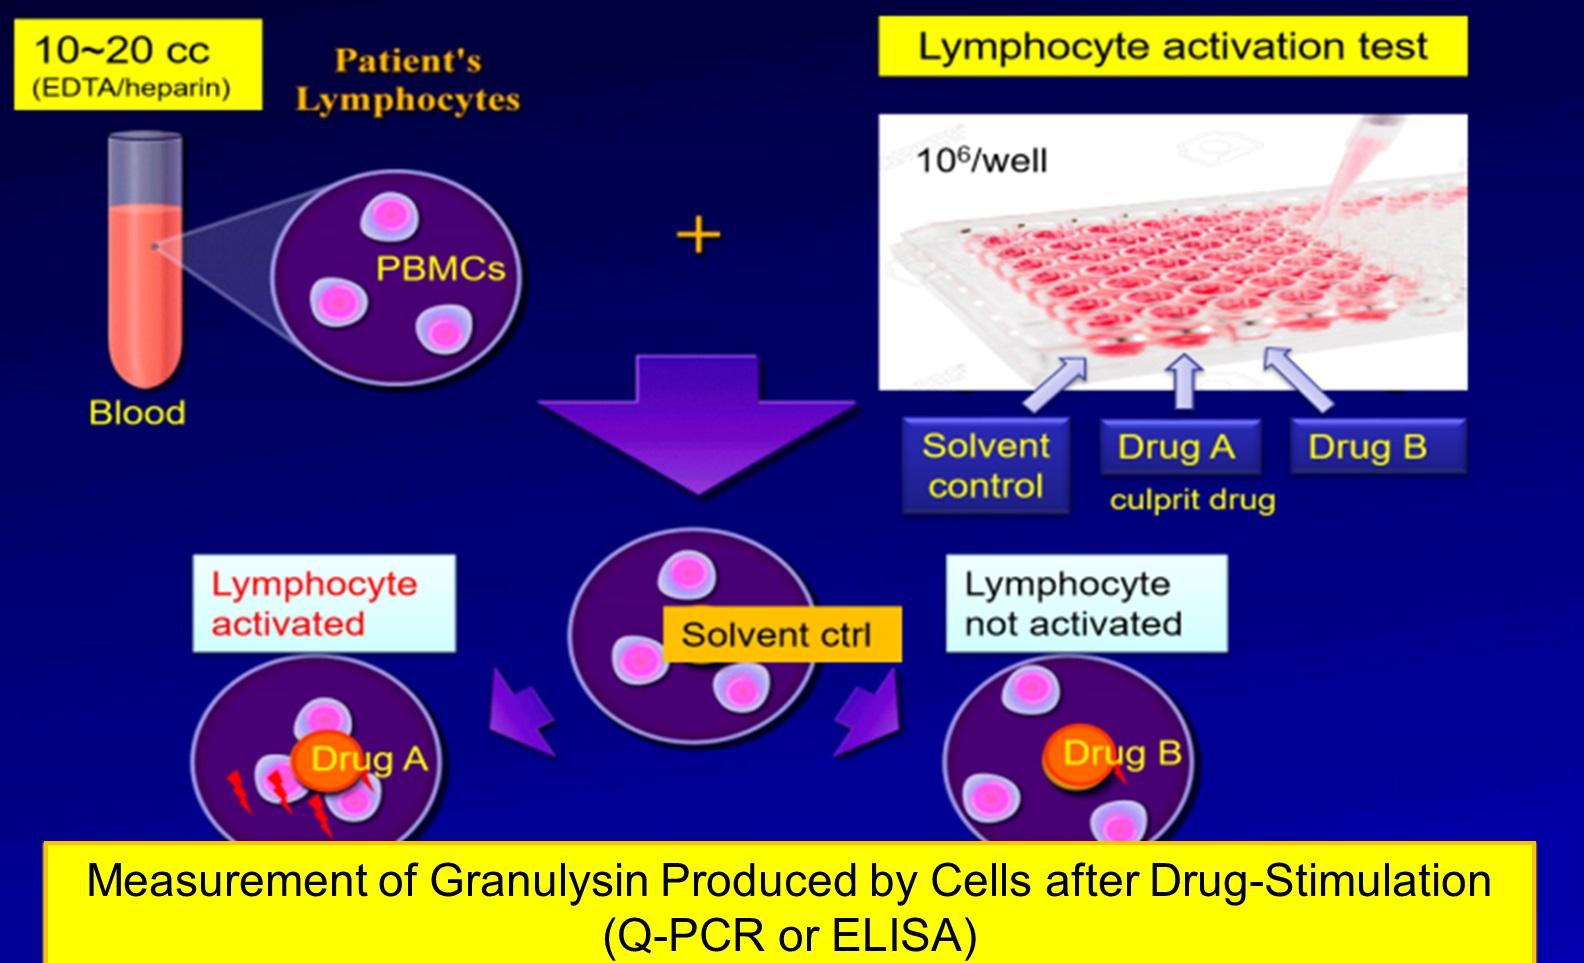 鑑定藥物過敏反應之致敏藥物的技術原理流程圖